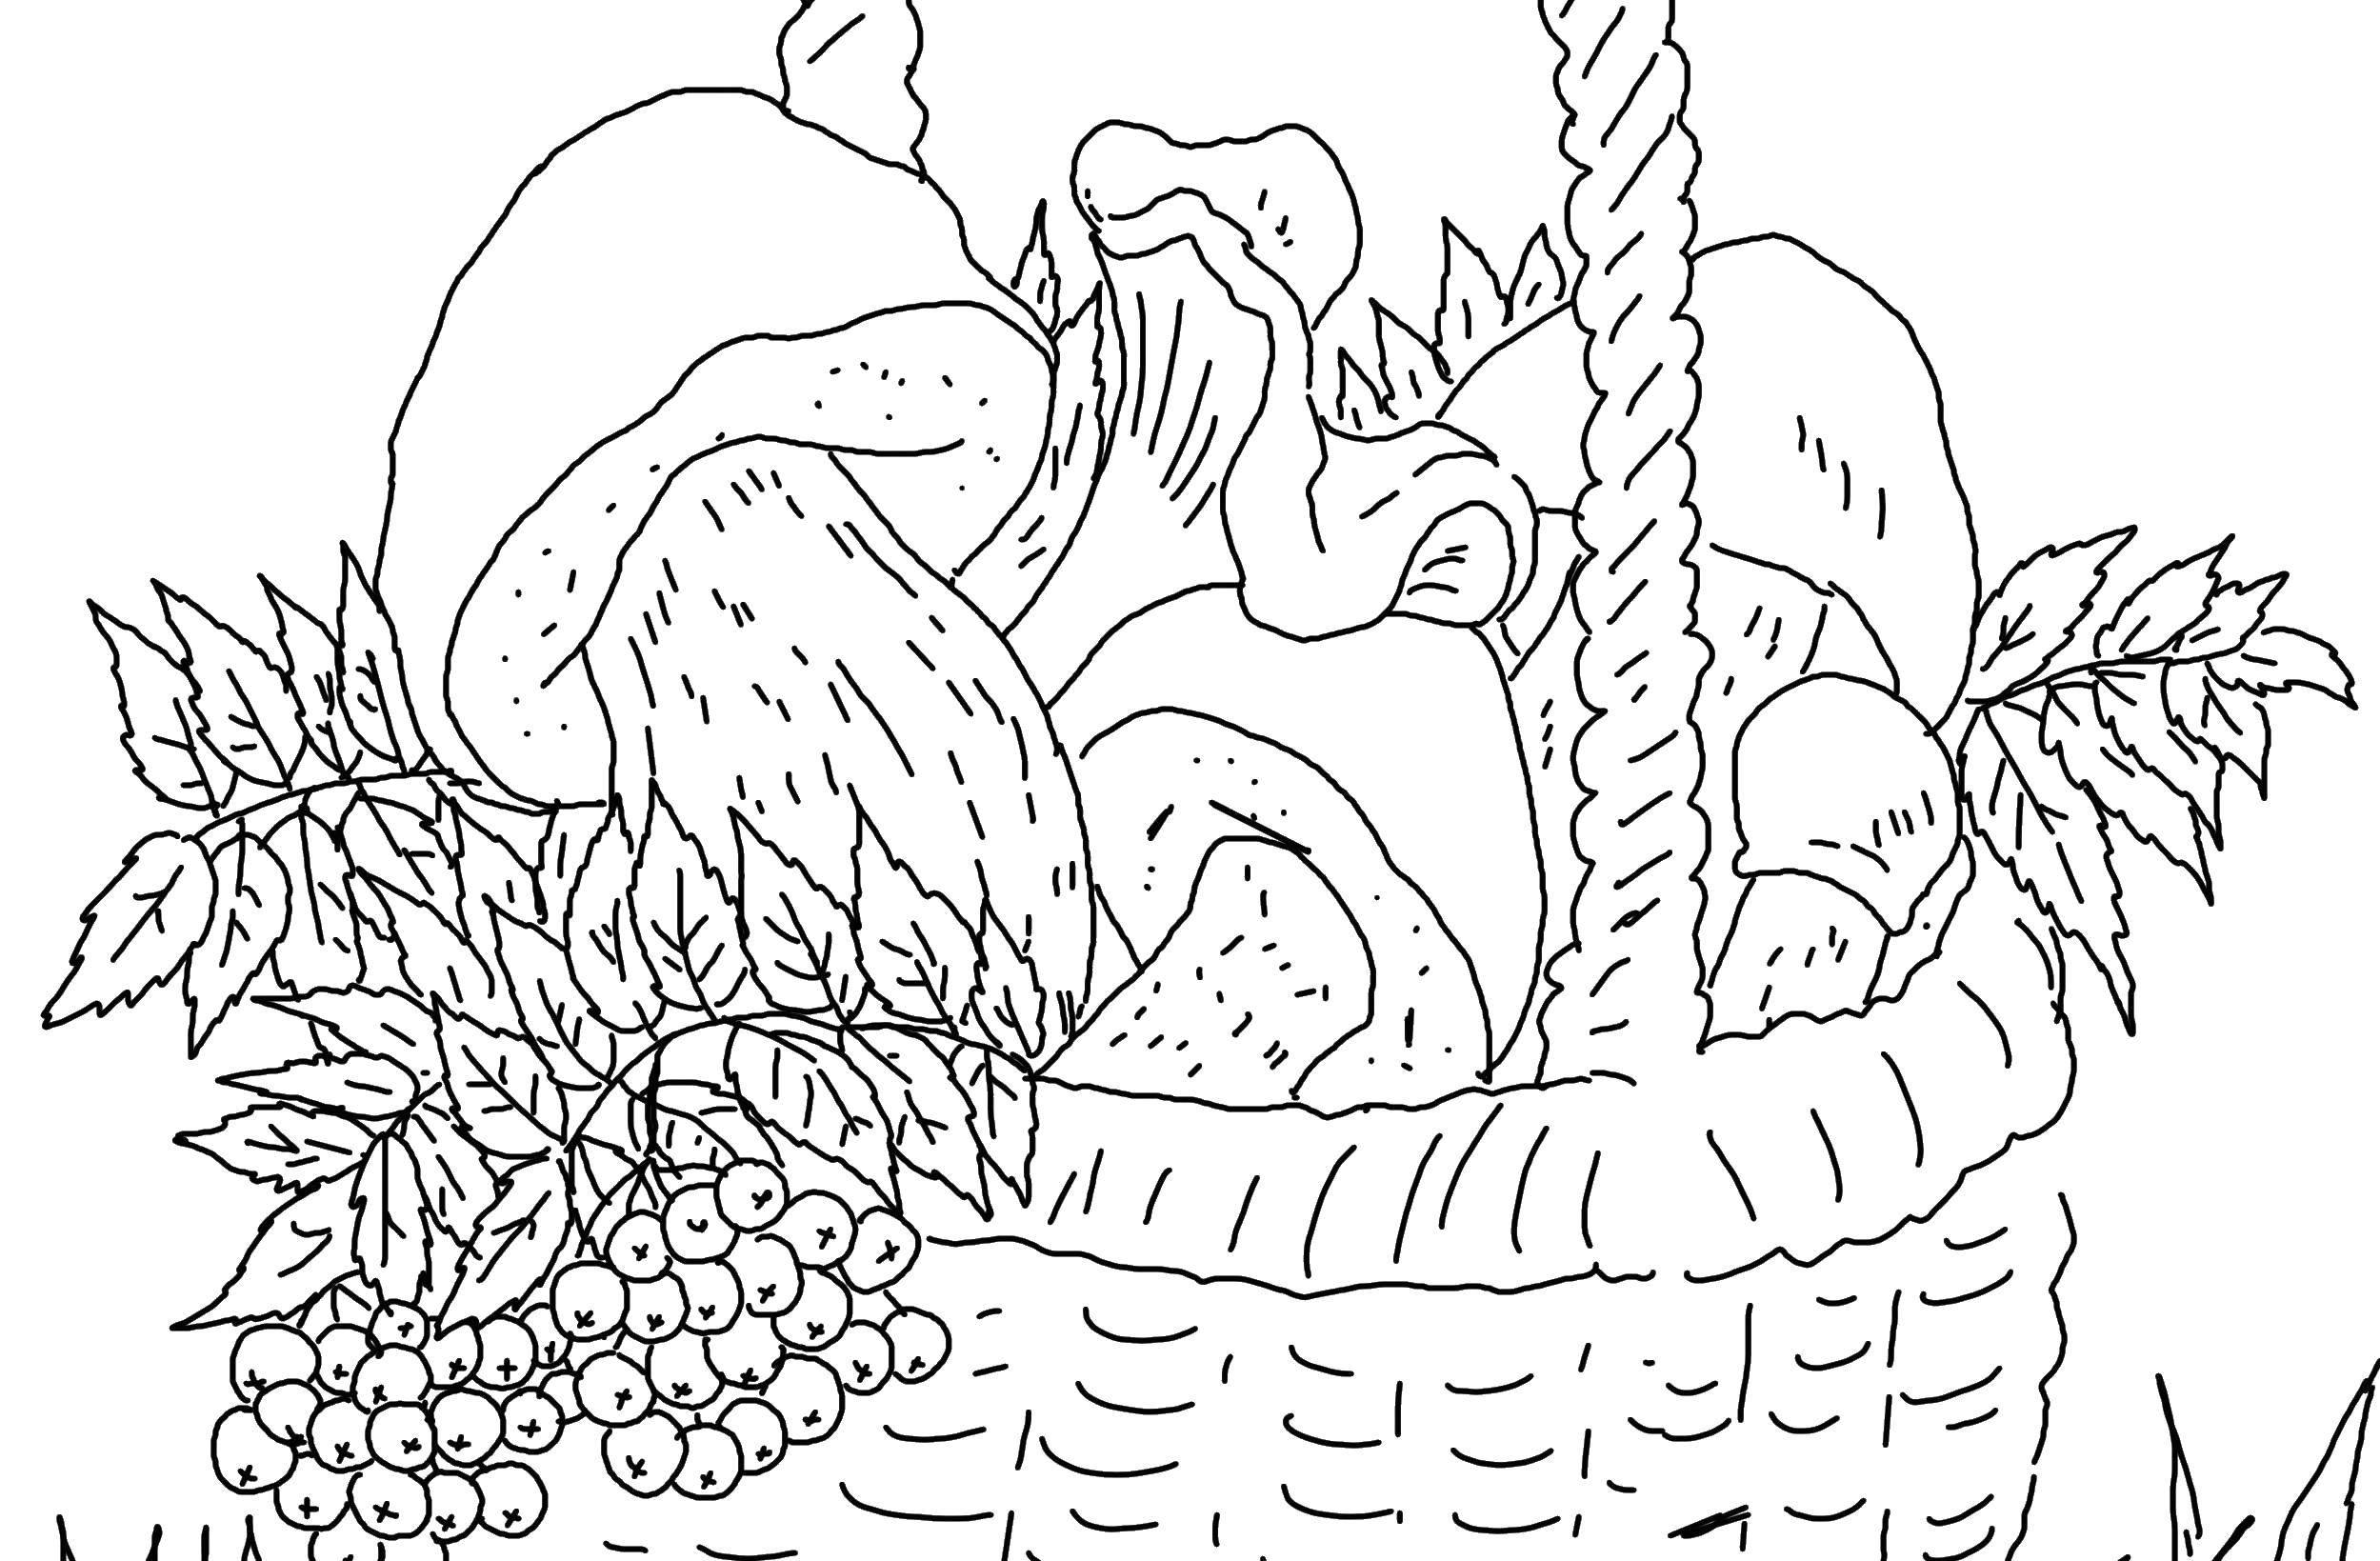 раскраска на тему лес грибы ягоды нашу